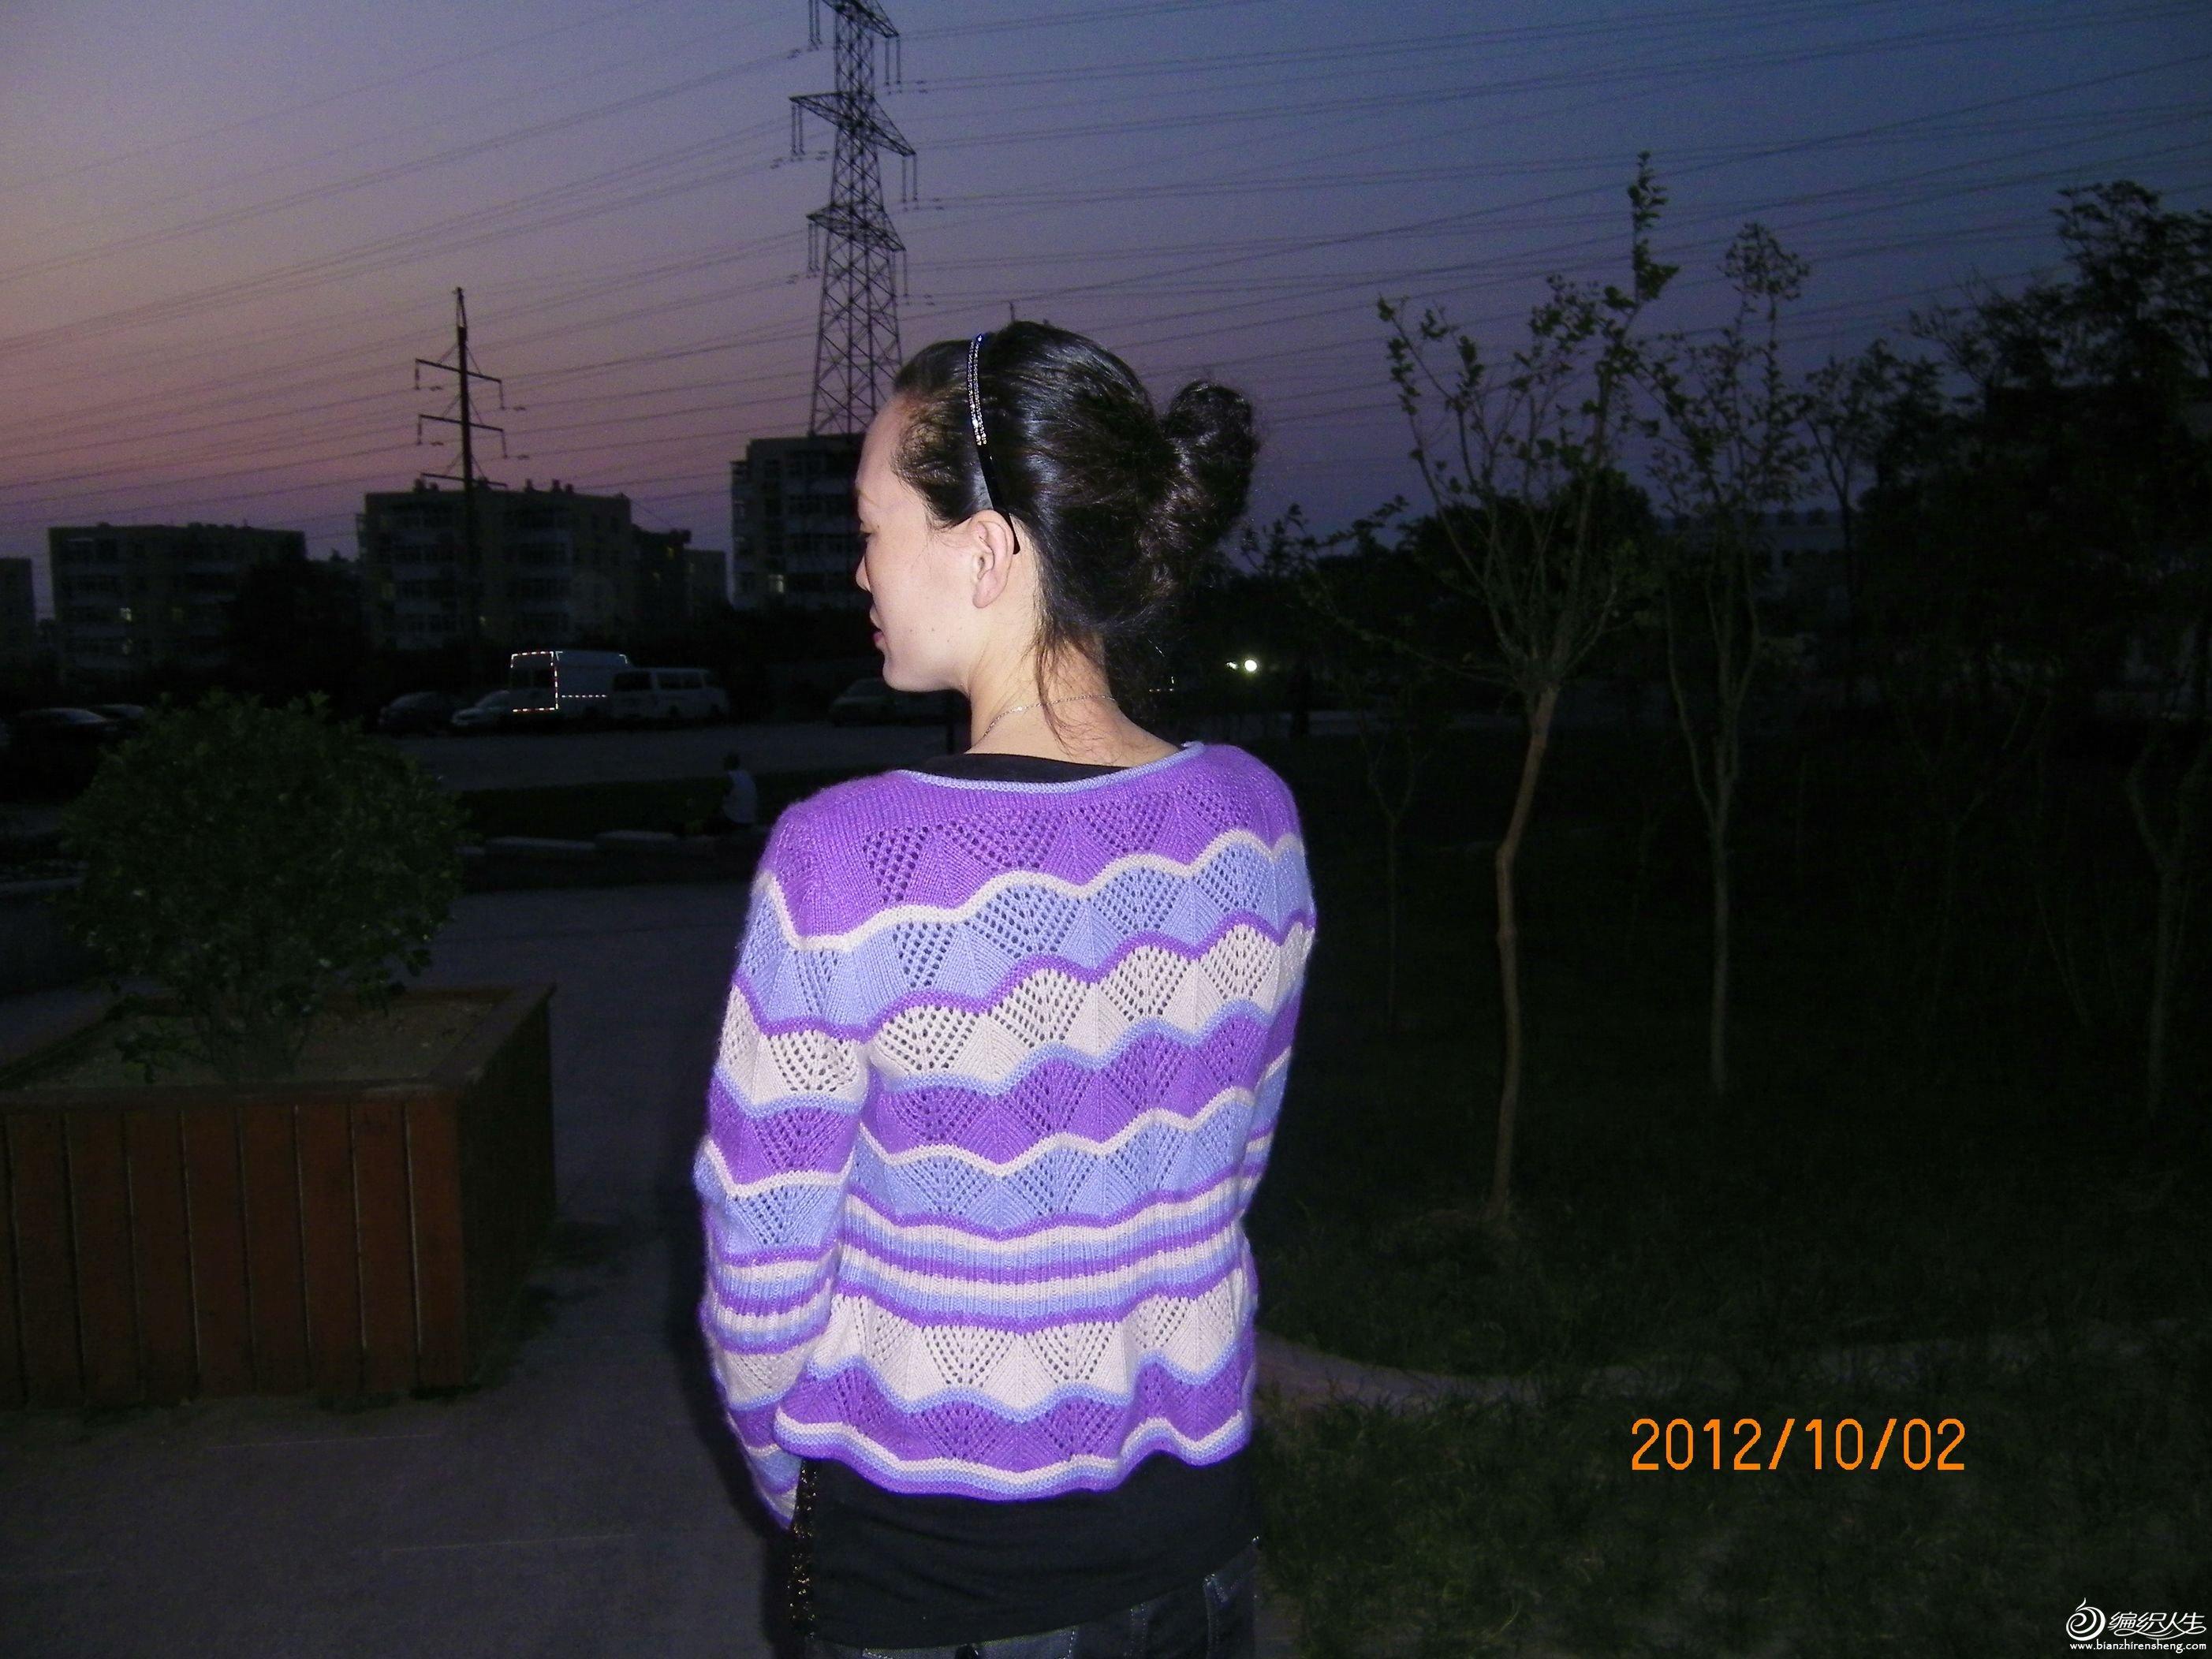 100_0795.JPG